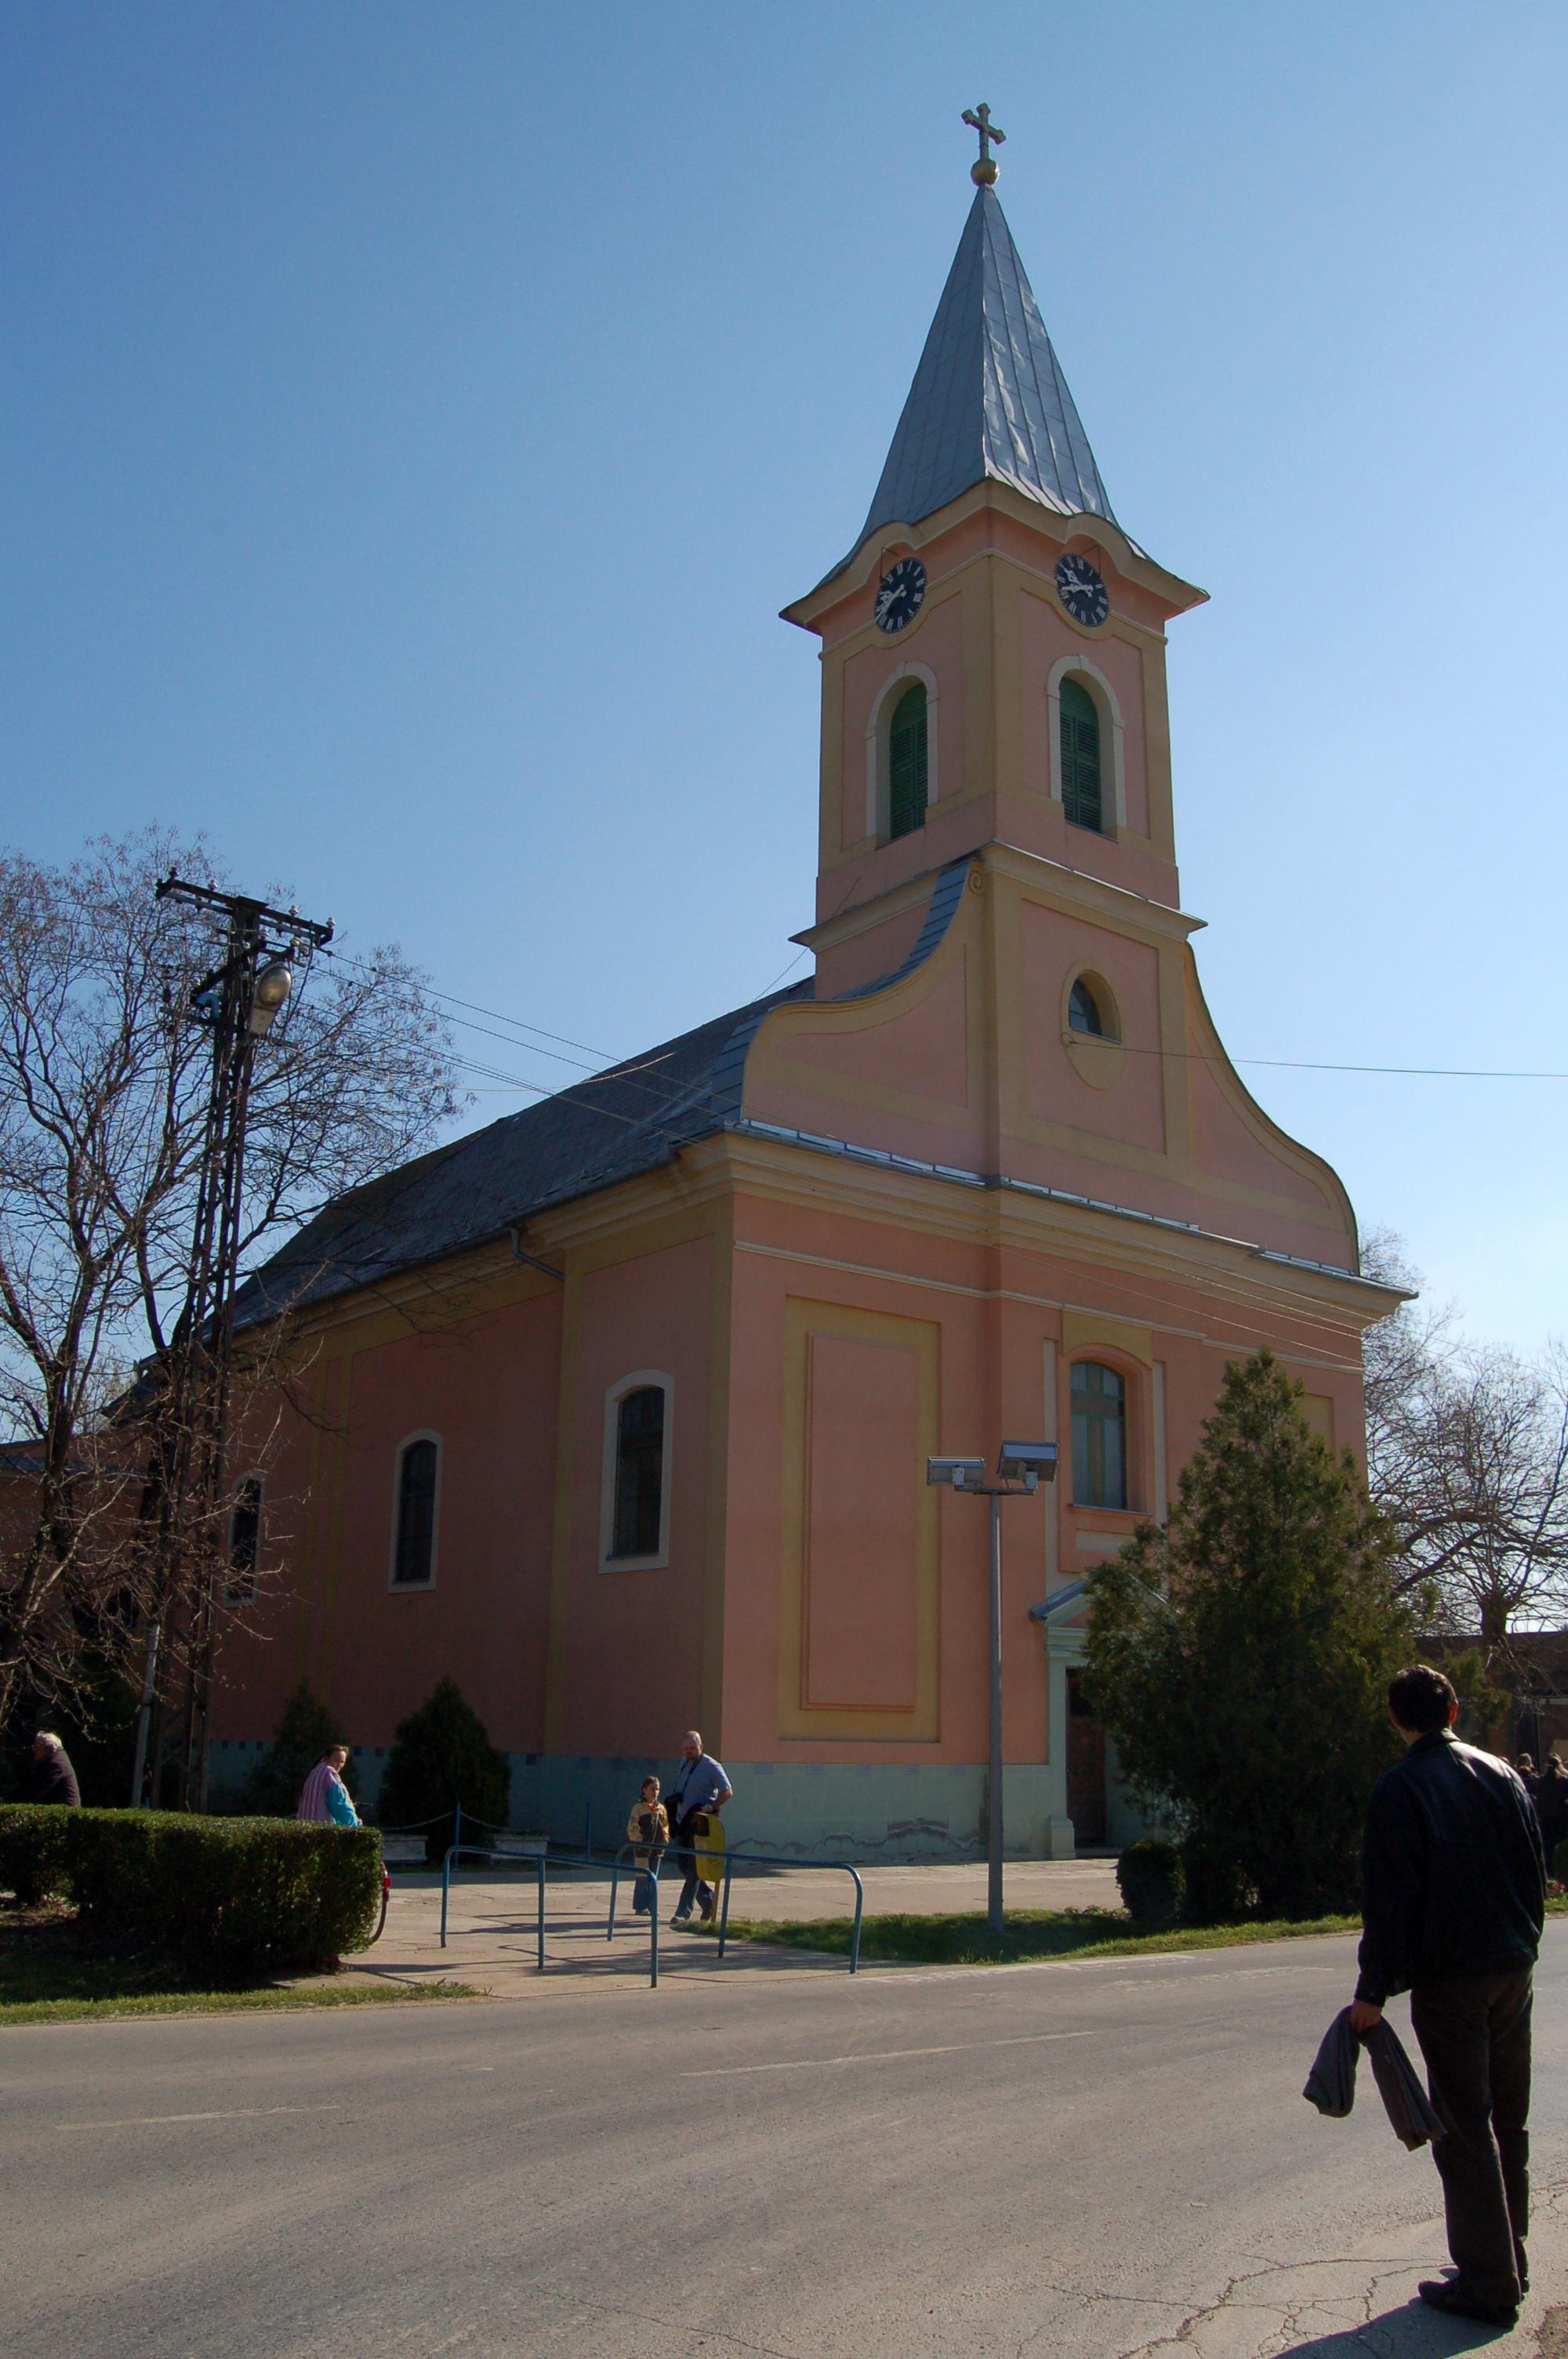 Caut baiat tanar mali iđoš. Maghiarii din Serbia - Wikipedia